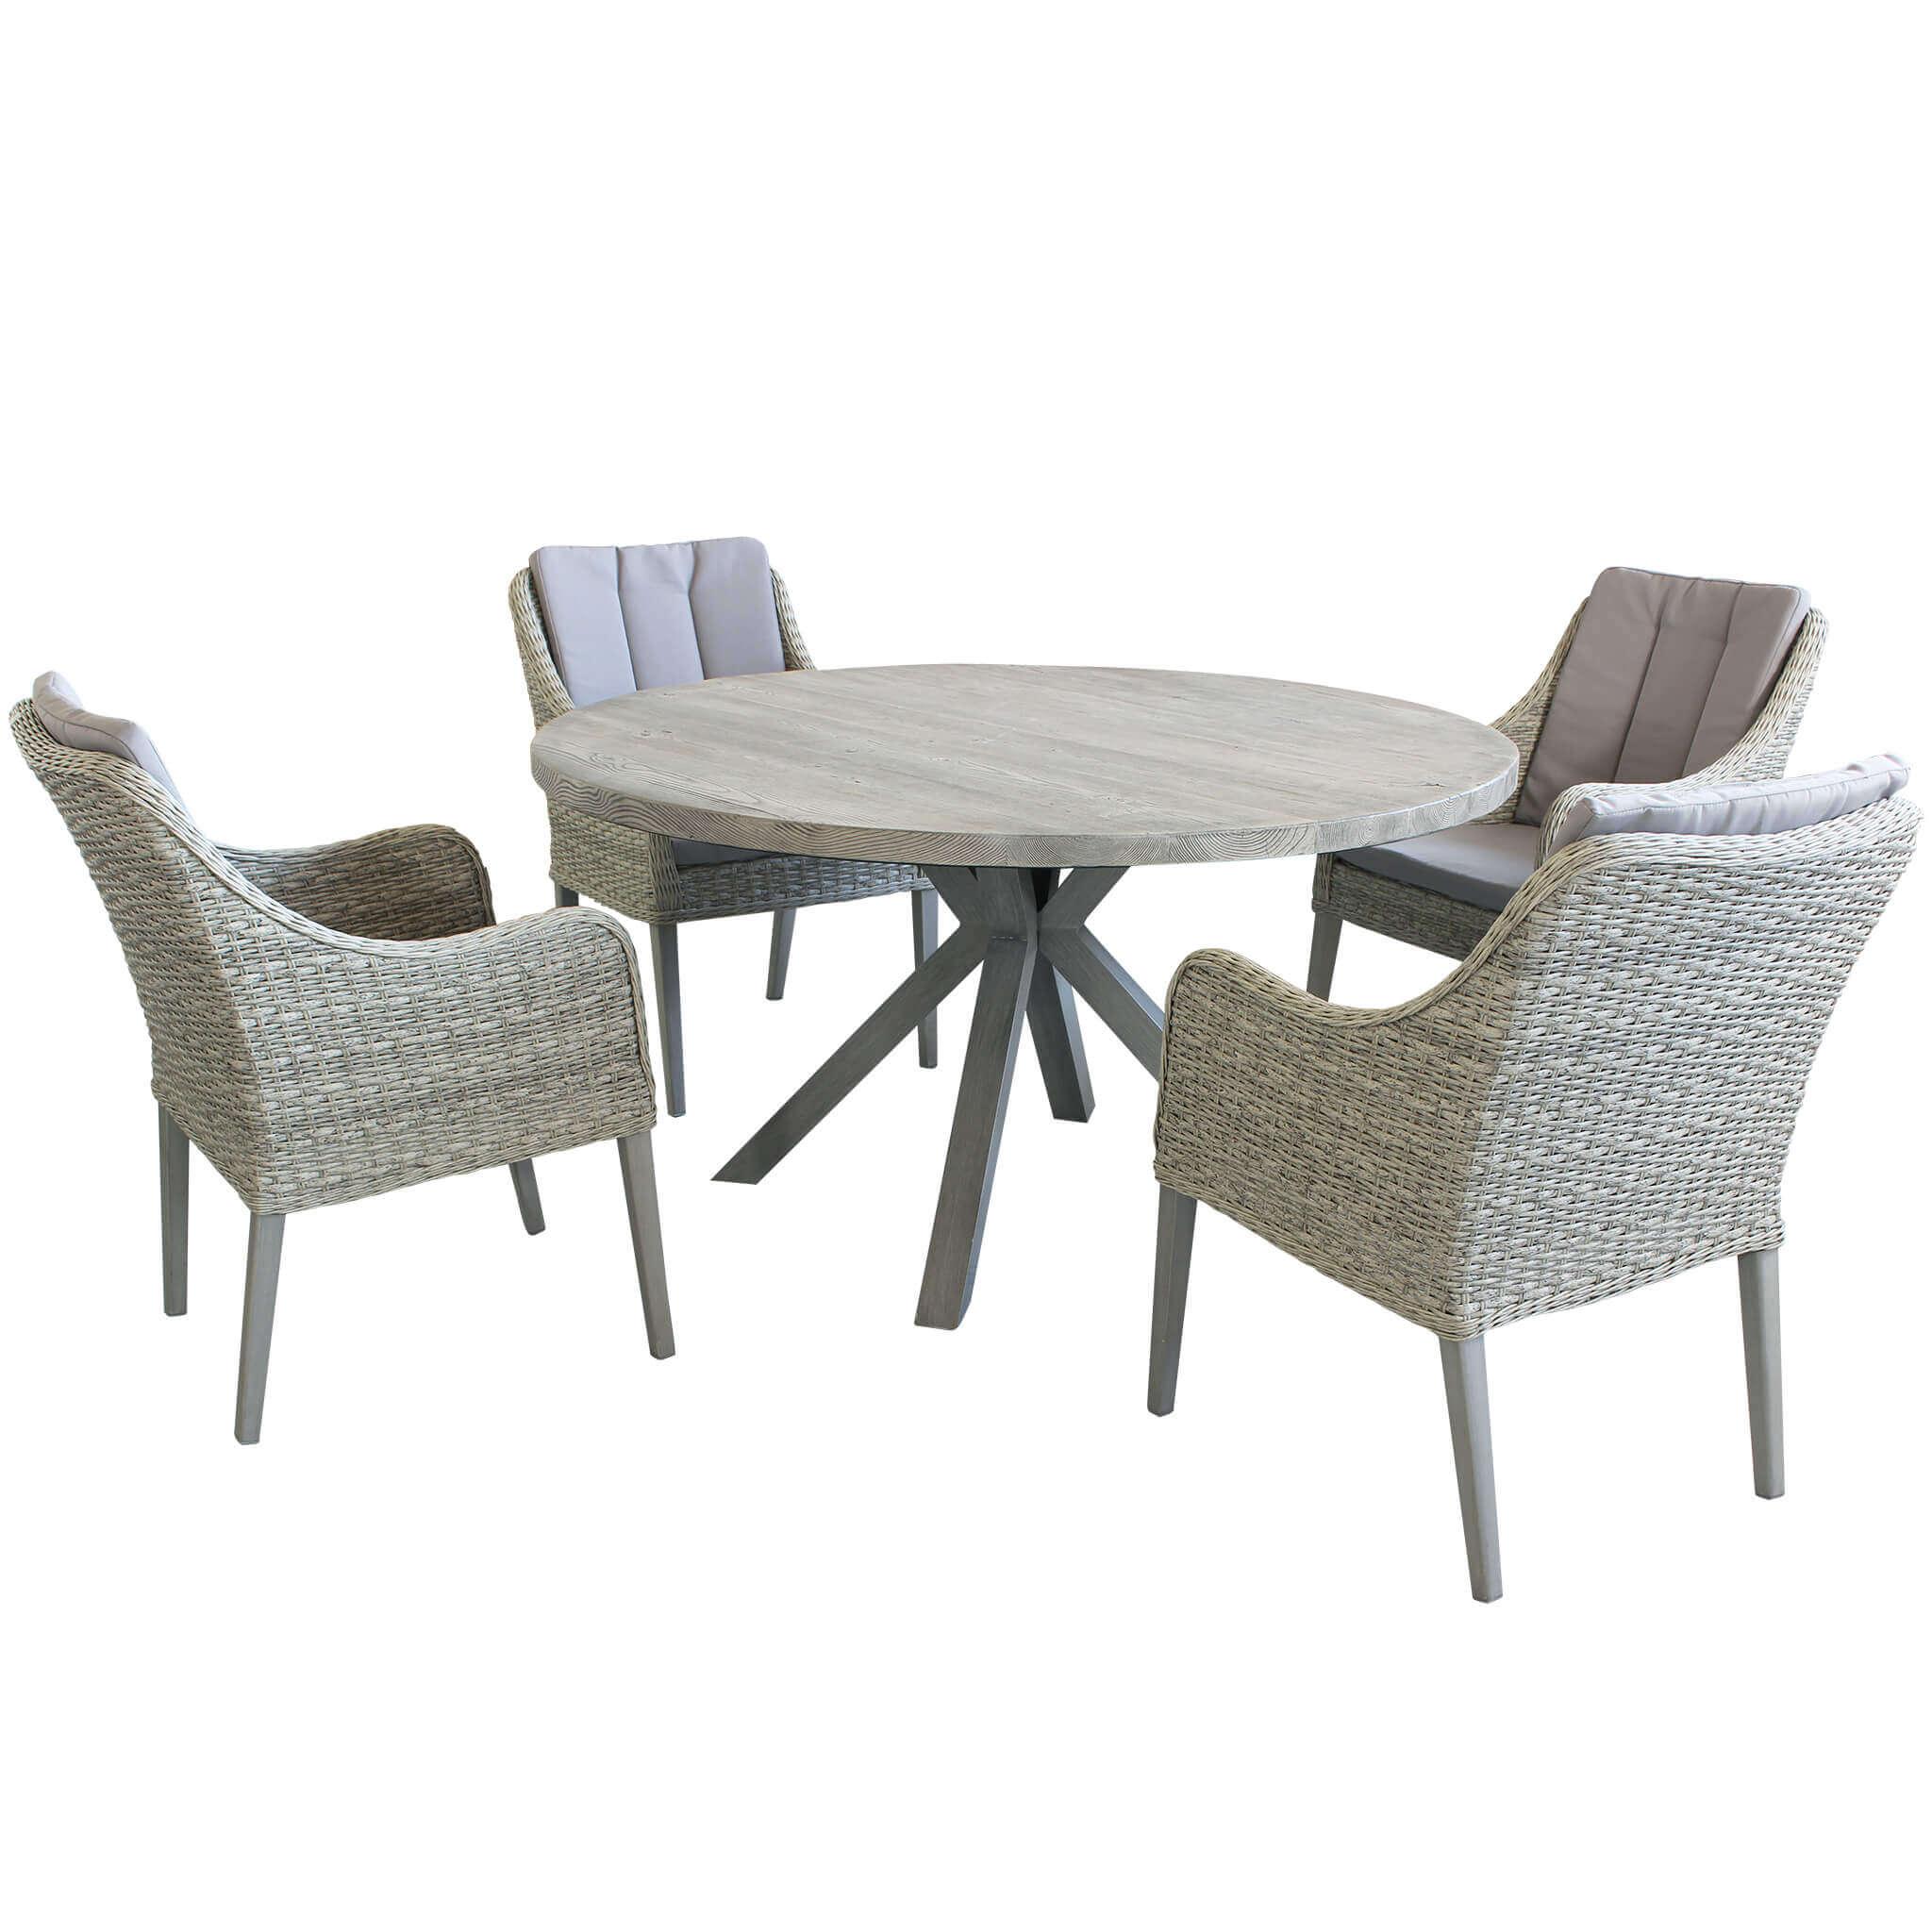 Milani Home IBEX - set tavolo in cementite e alluminio cm Ø 140 x 75 h con 4 sedute